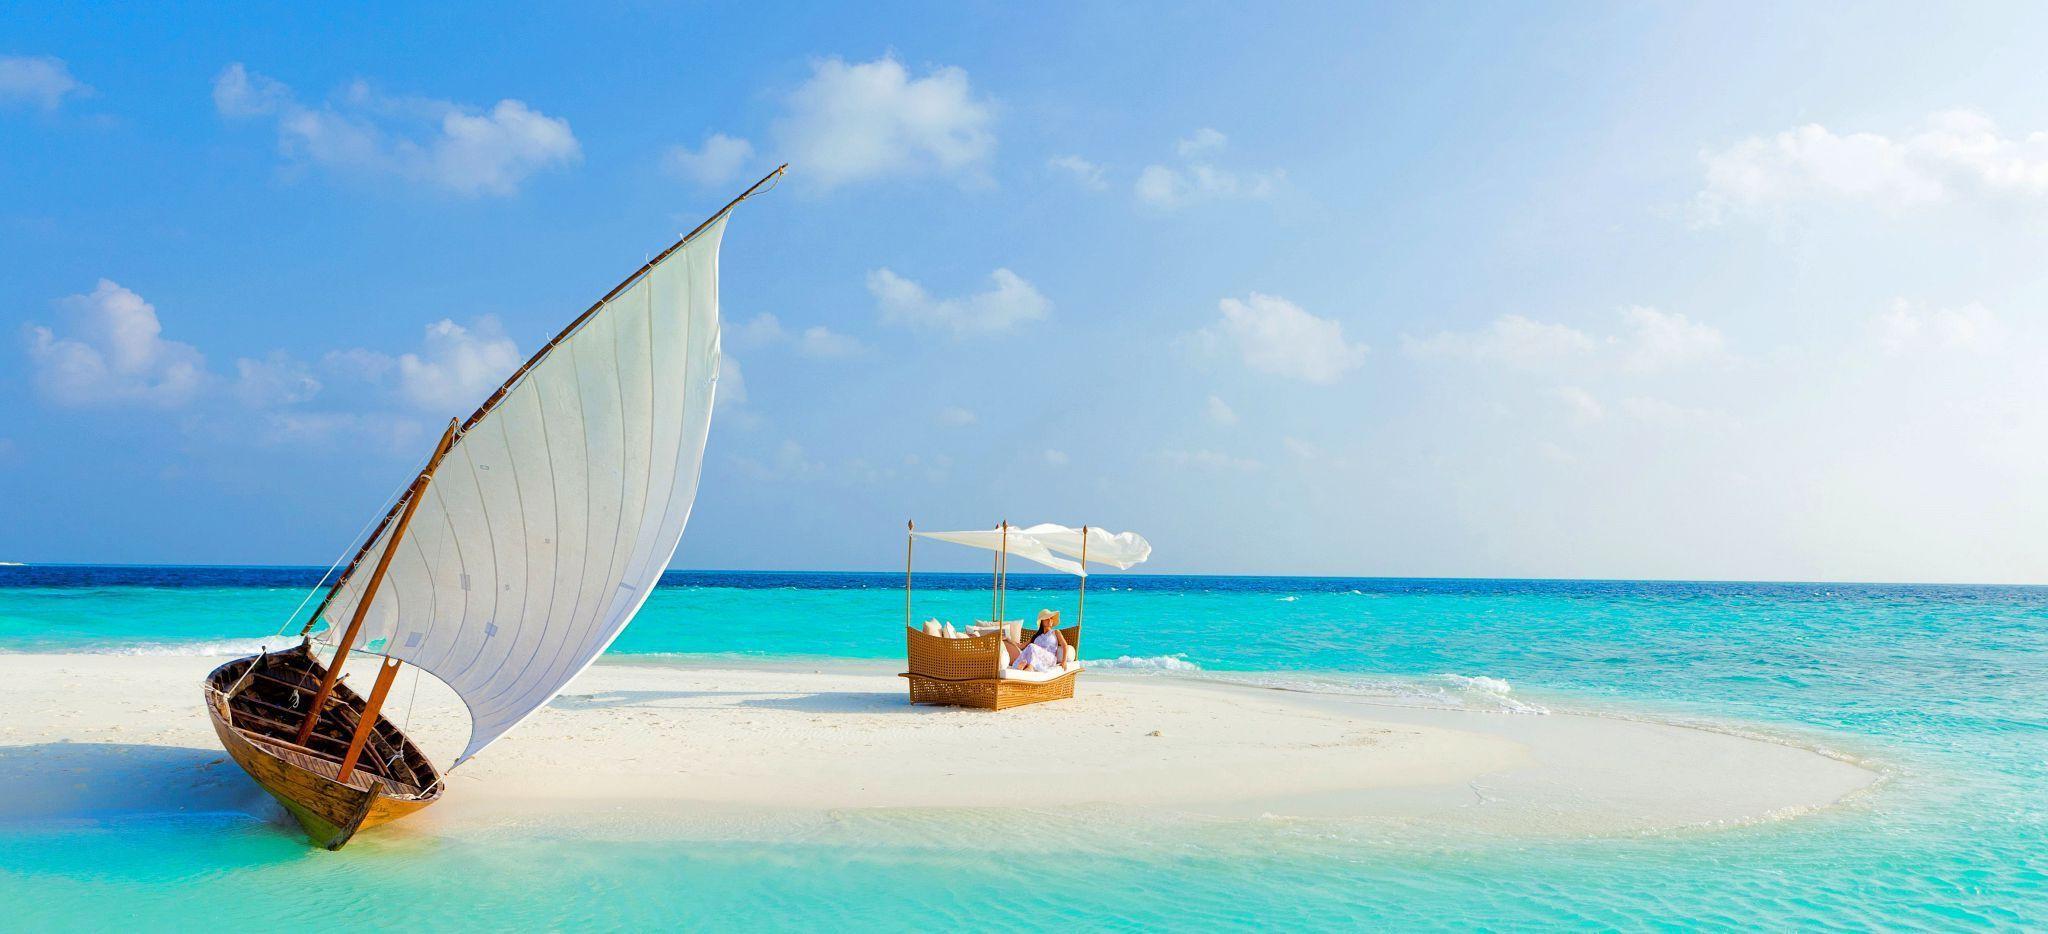 Frau sitzt auf einem Sonnenstuhl auf eine Maledivischen Sandbank, neben ihr liegt ein traditionelles Segelboot auf dem Sand